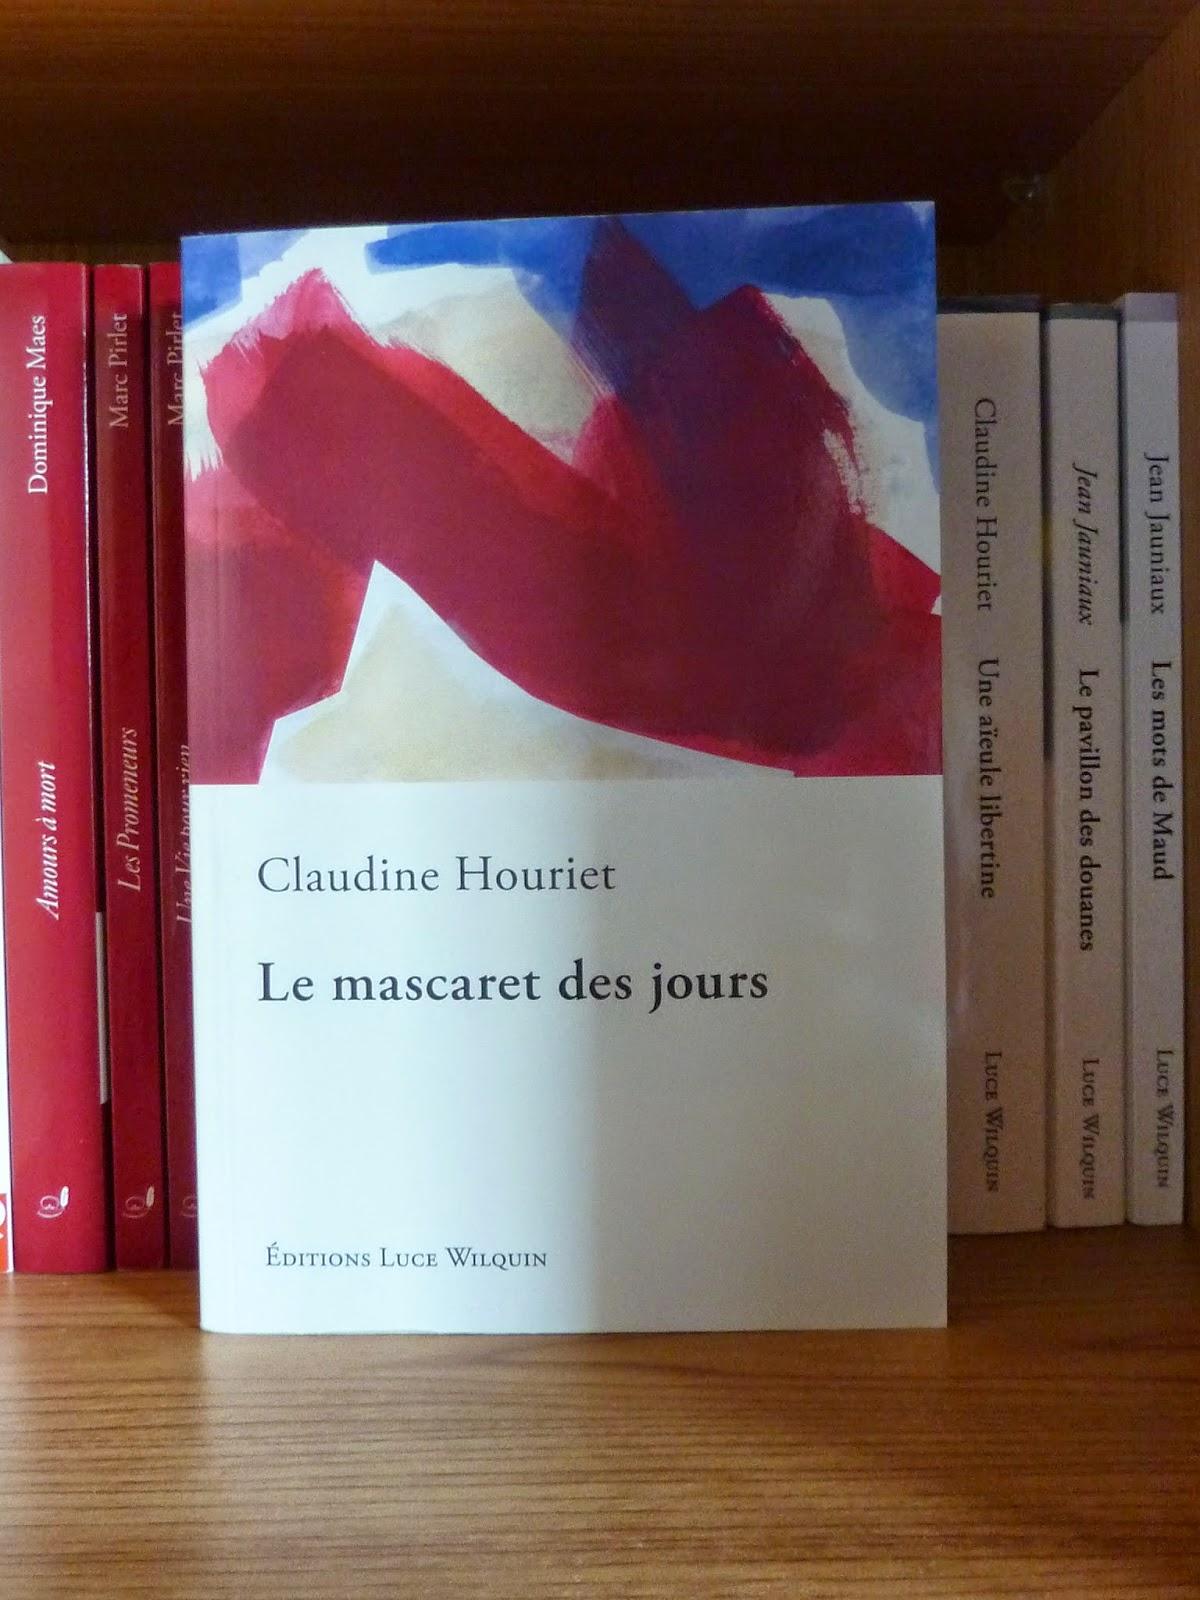 Le mascaret des jours - Claudine Houriet